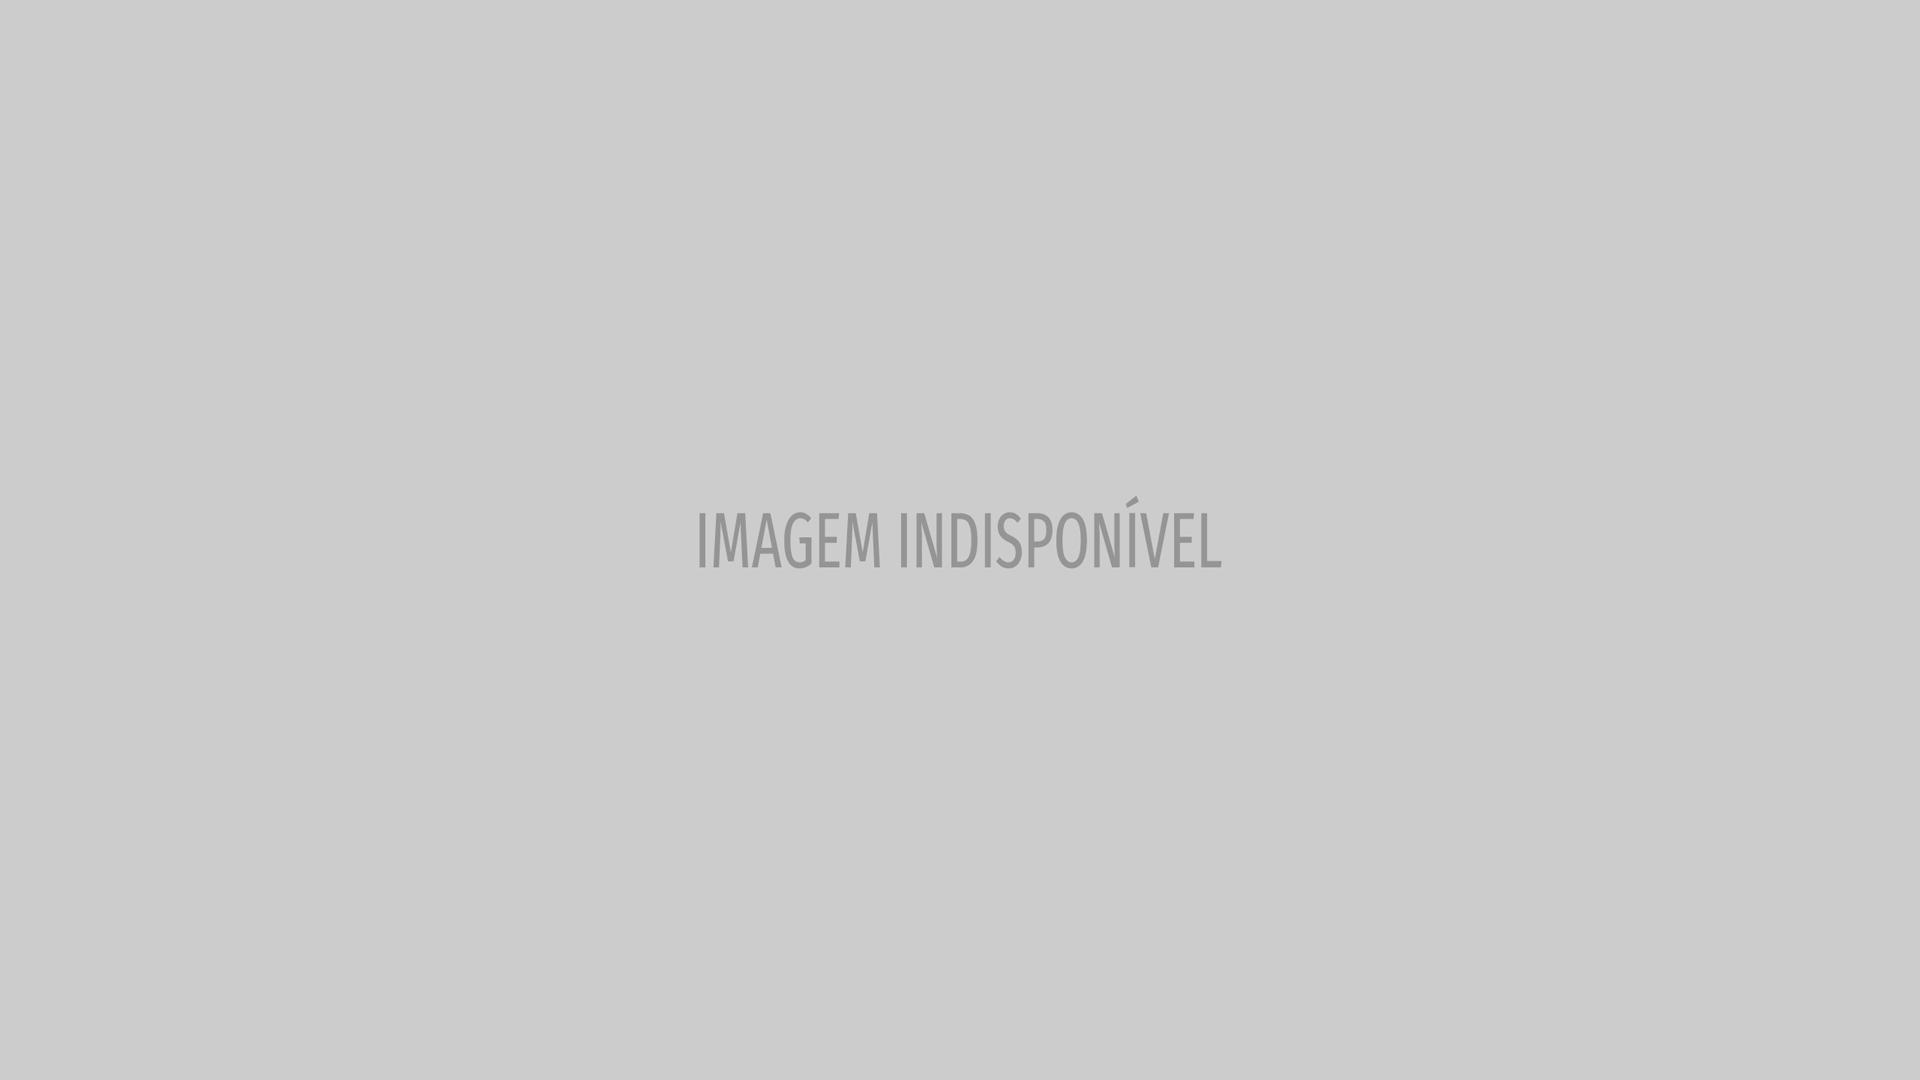 Cinebiografia sobre o criador de O Senhor dos Anéis encontra diretor — Tolkien